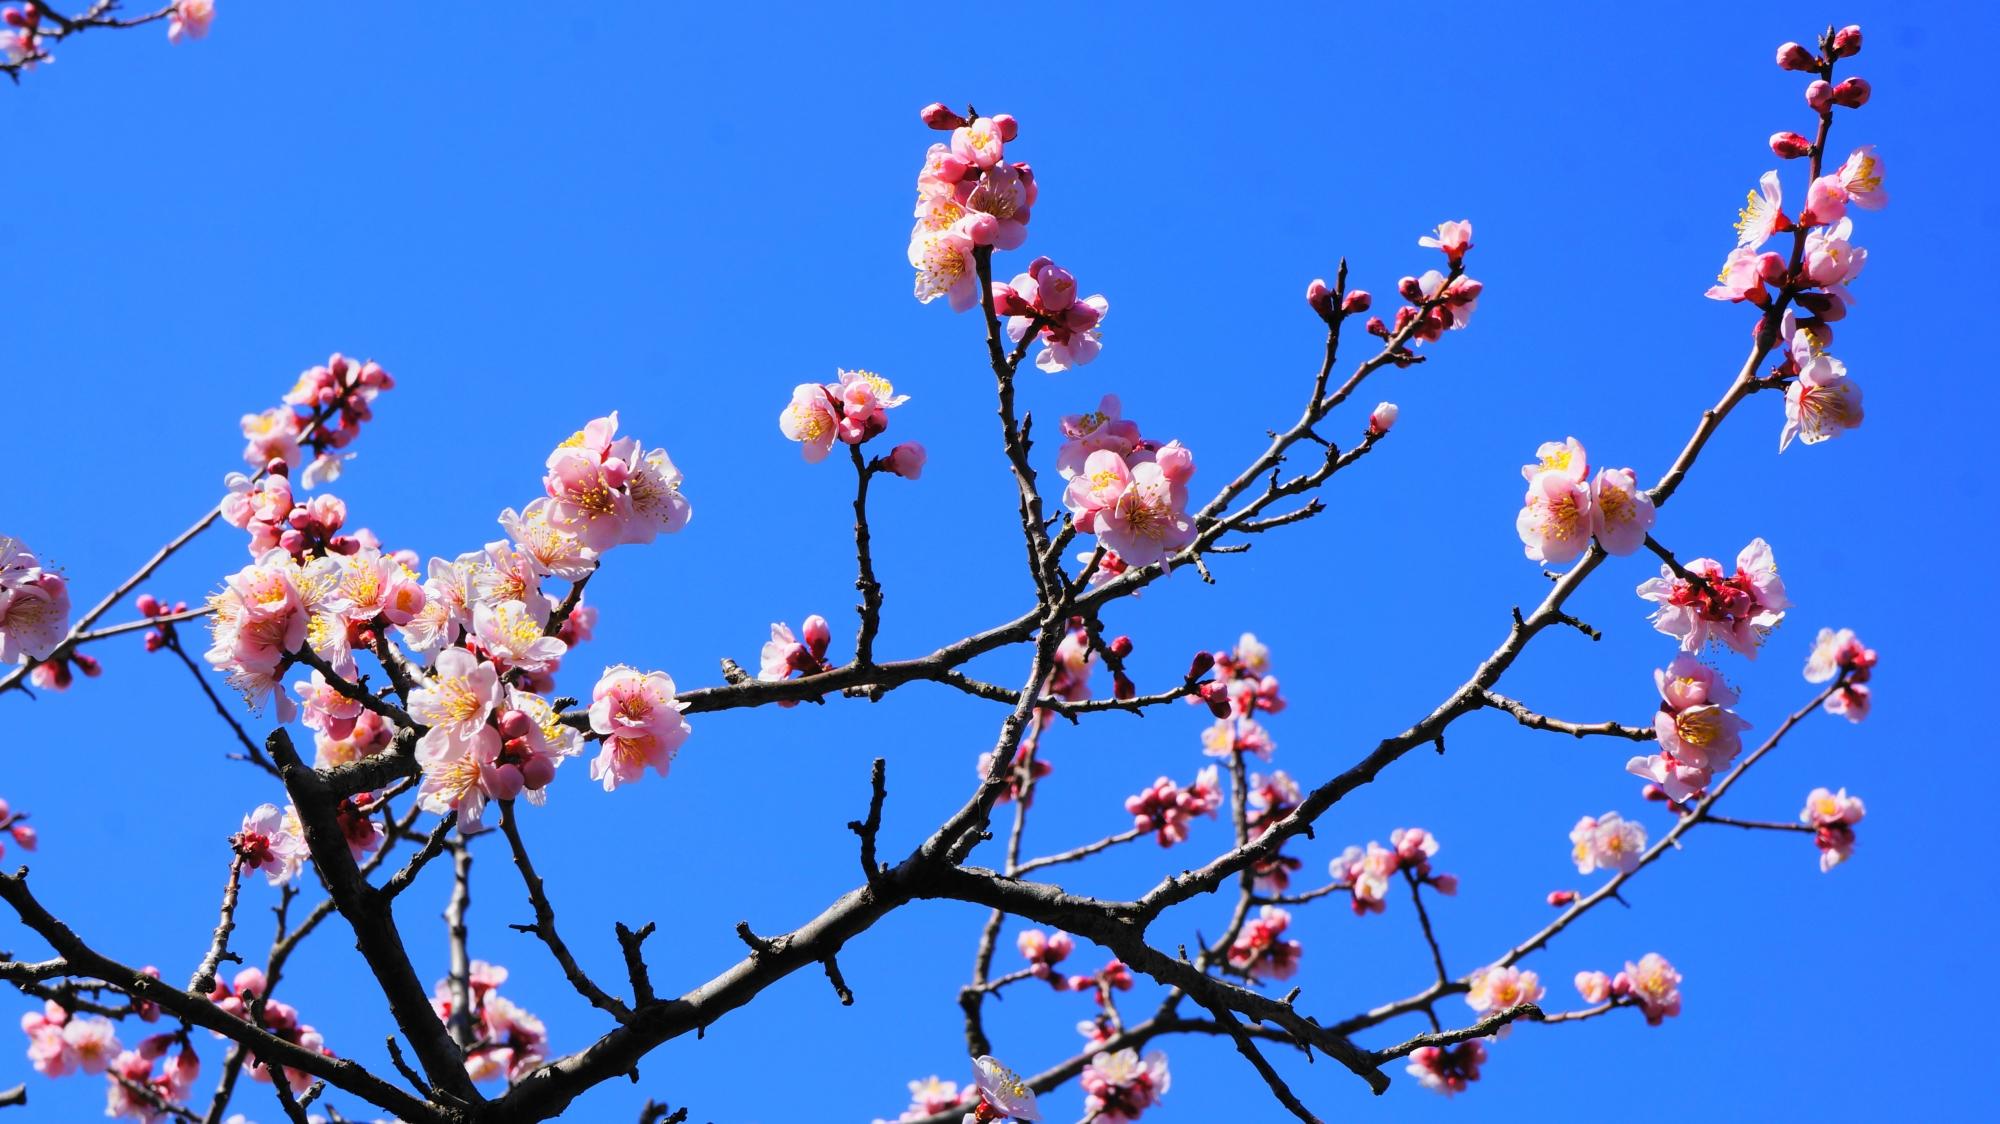 可愛い薄いピンク色の梅の花